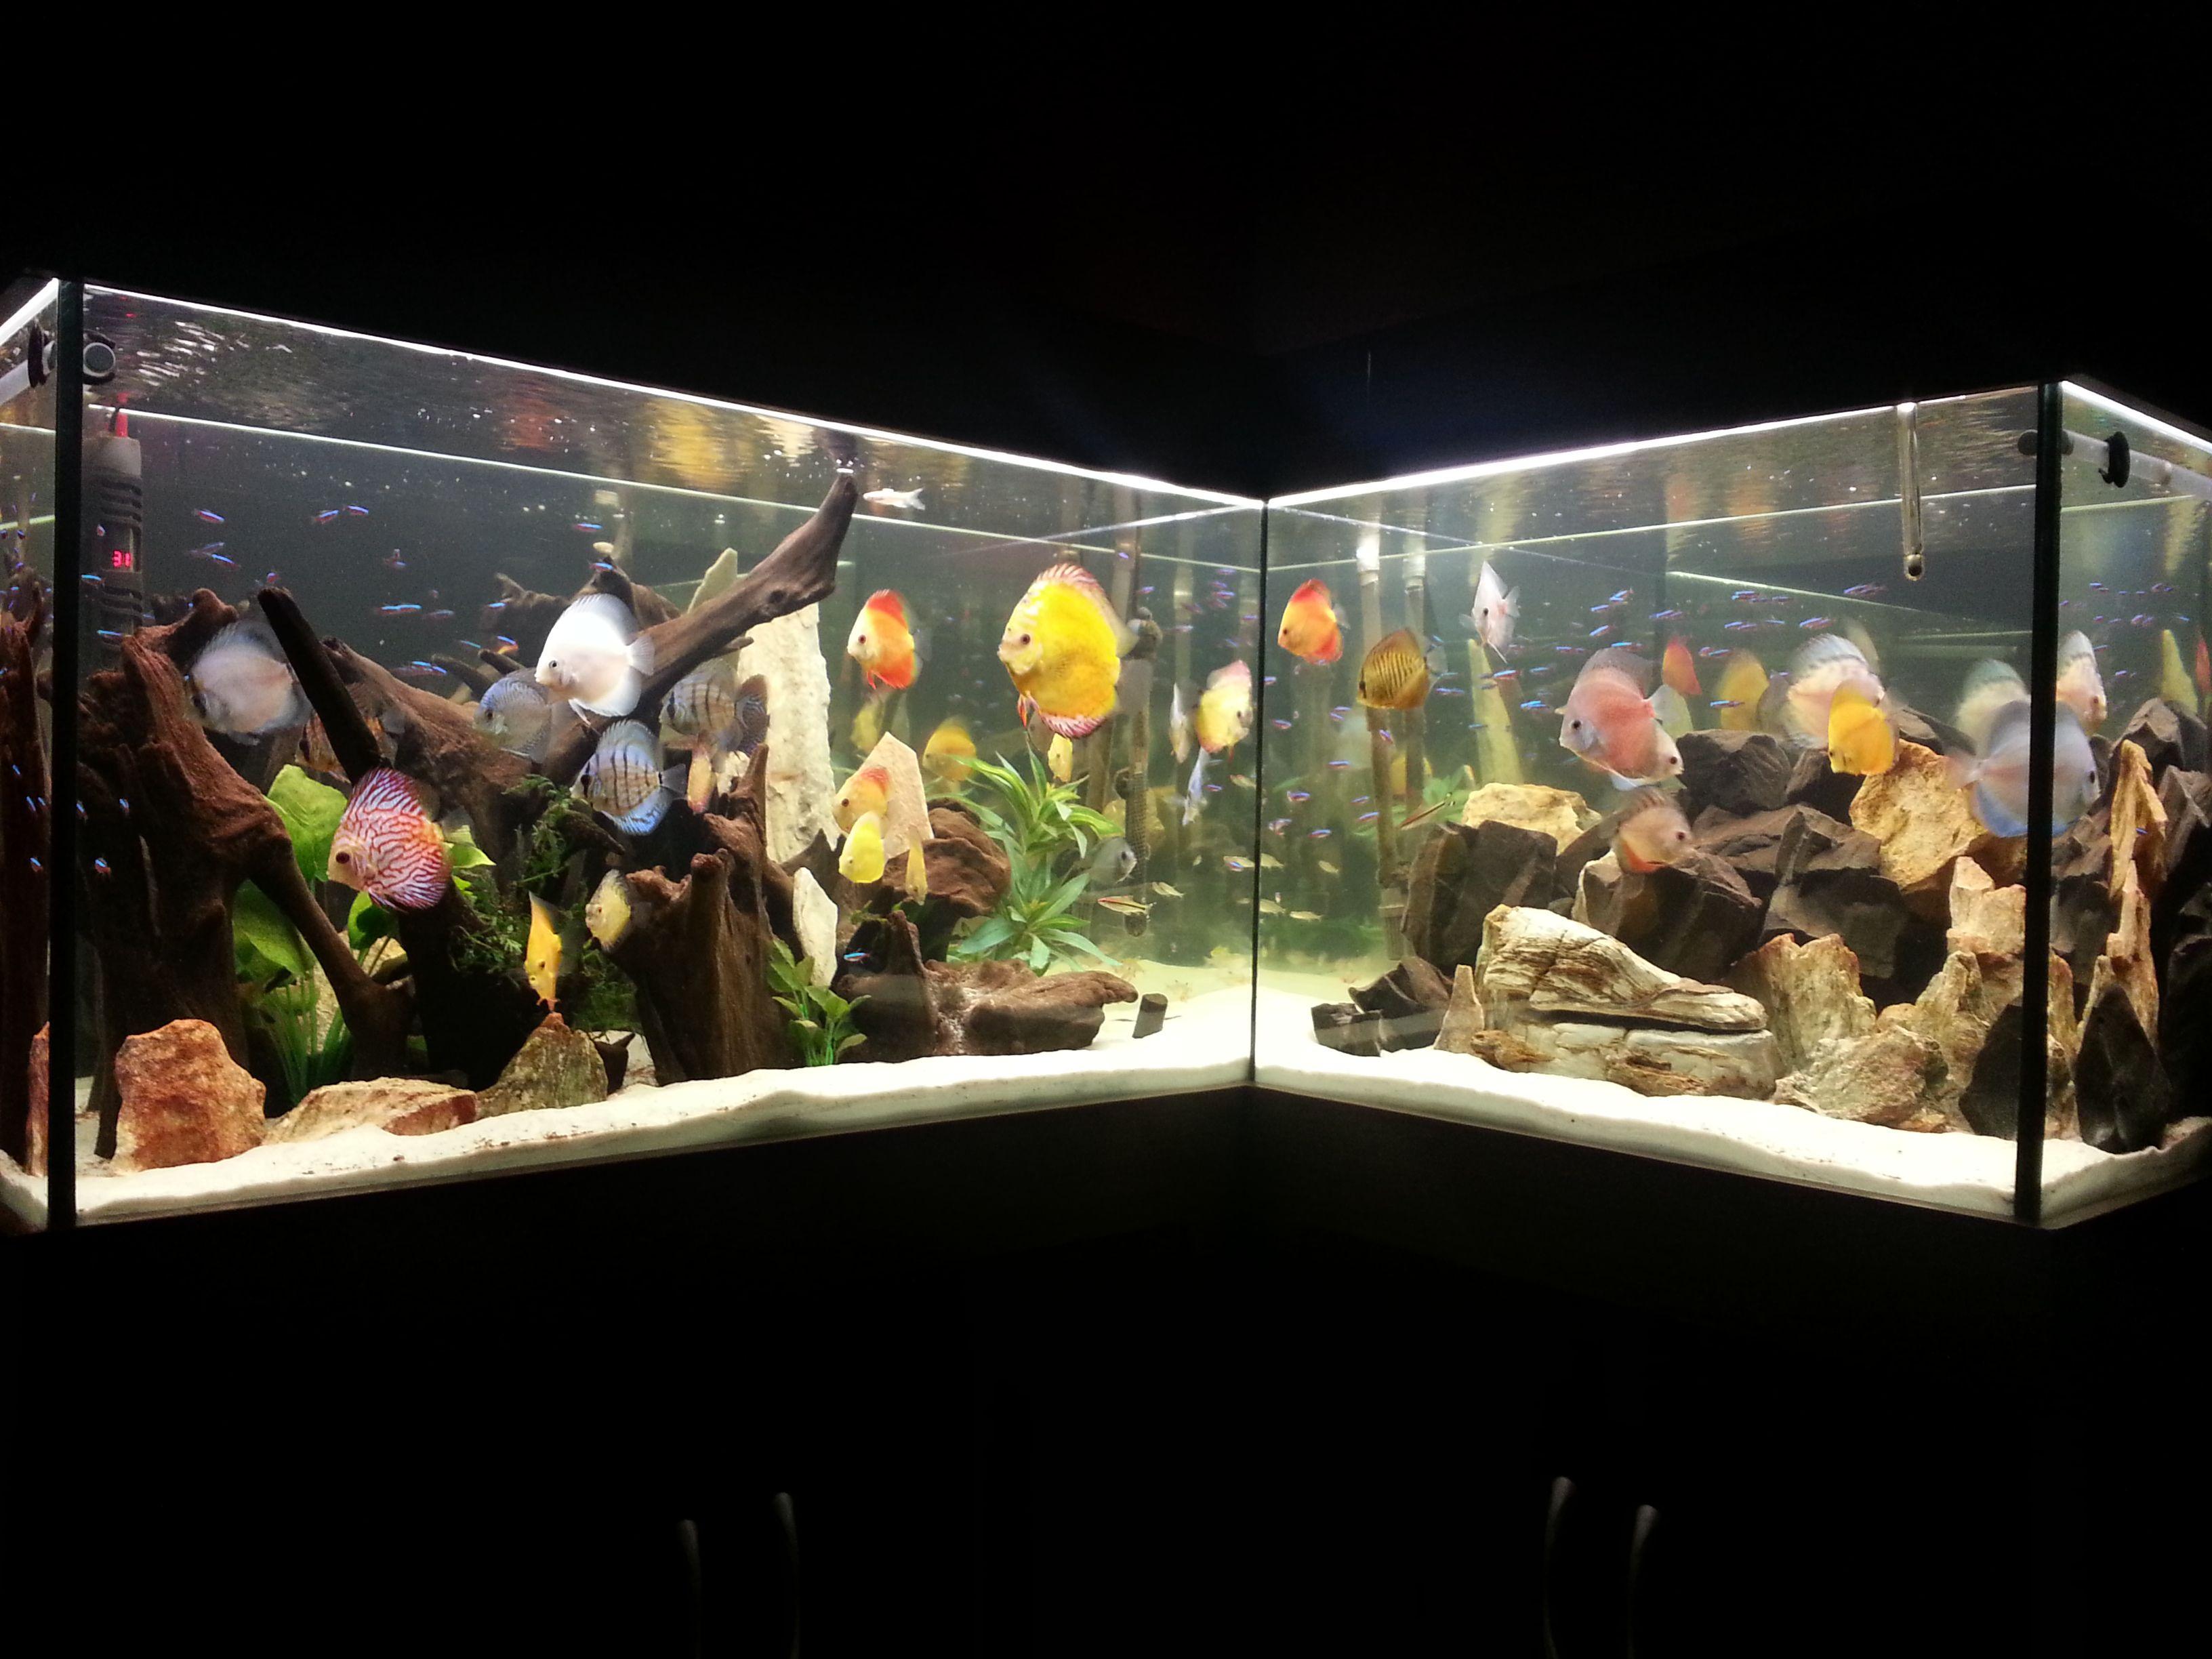 53c834ed5c0ce6346ed877ad21671b86 Frais De Aquarium 450 Litres Des Idées